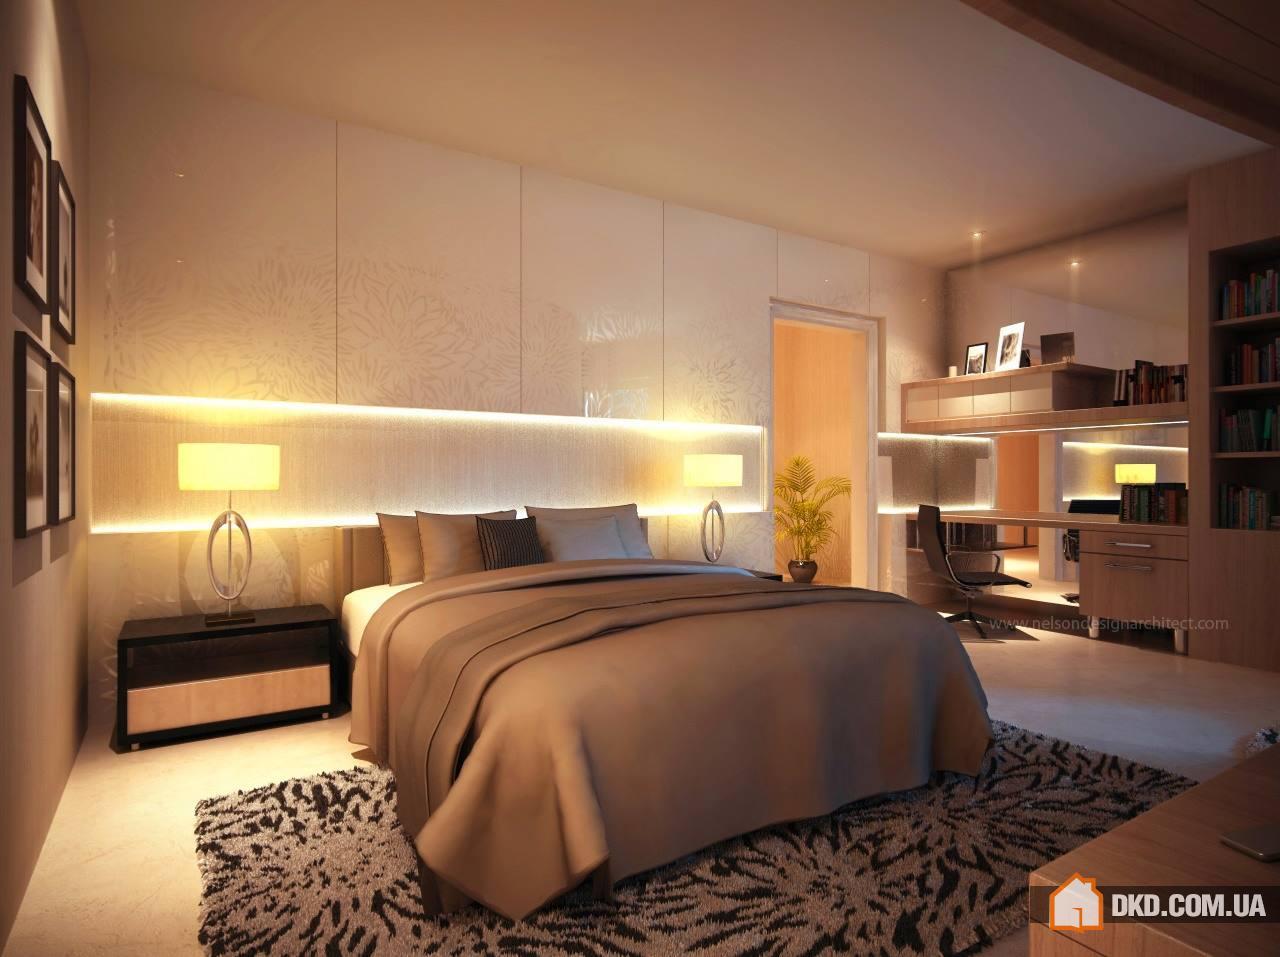 Современные спальни с подсветкой изголовья кровати